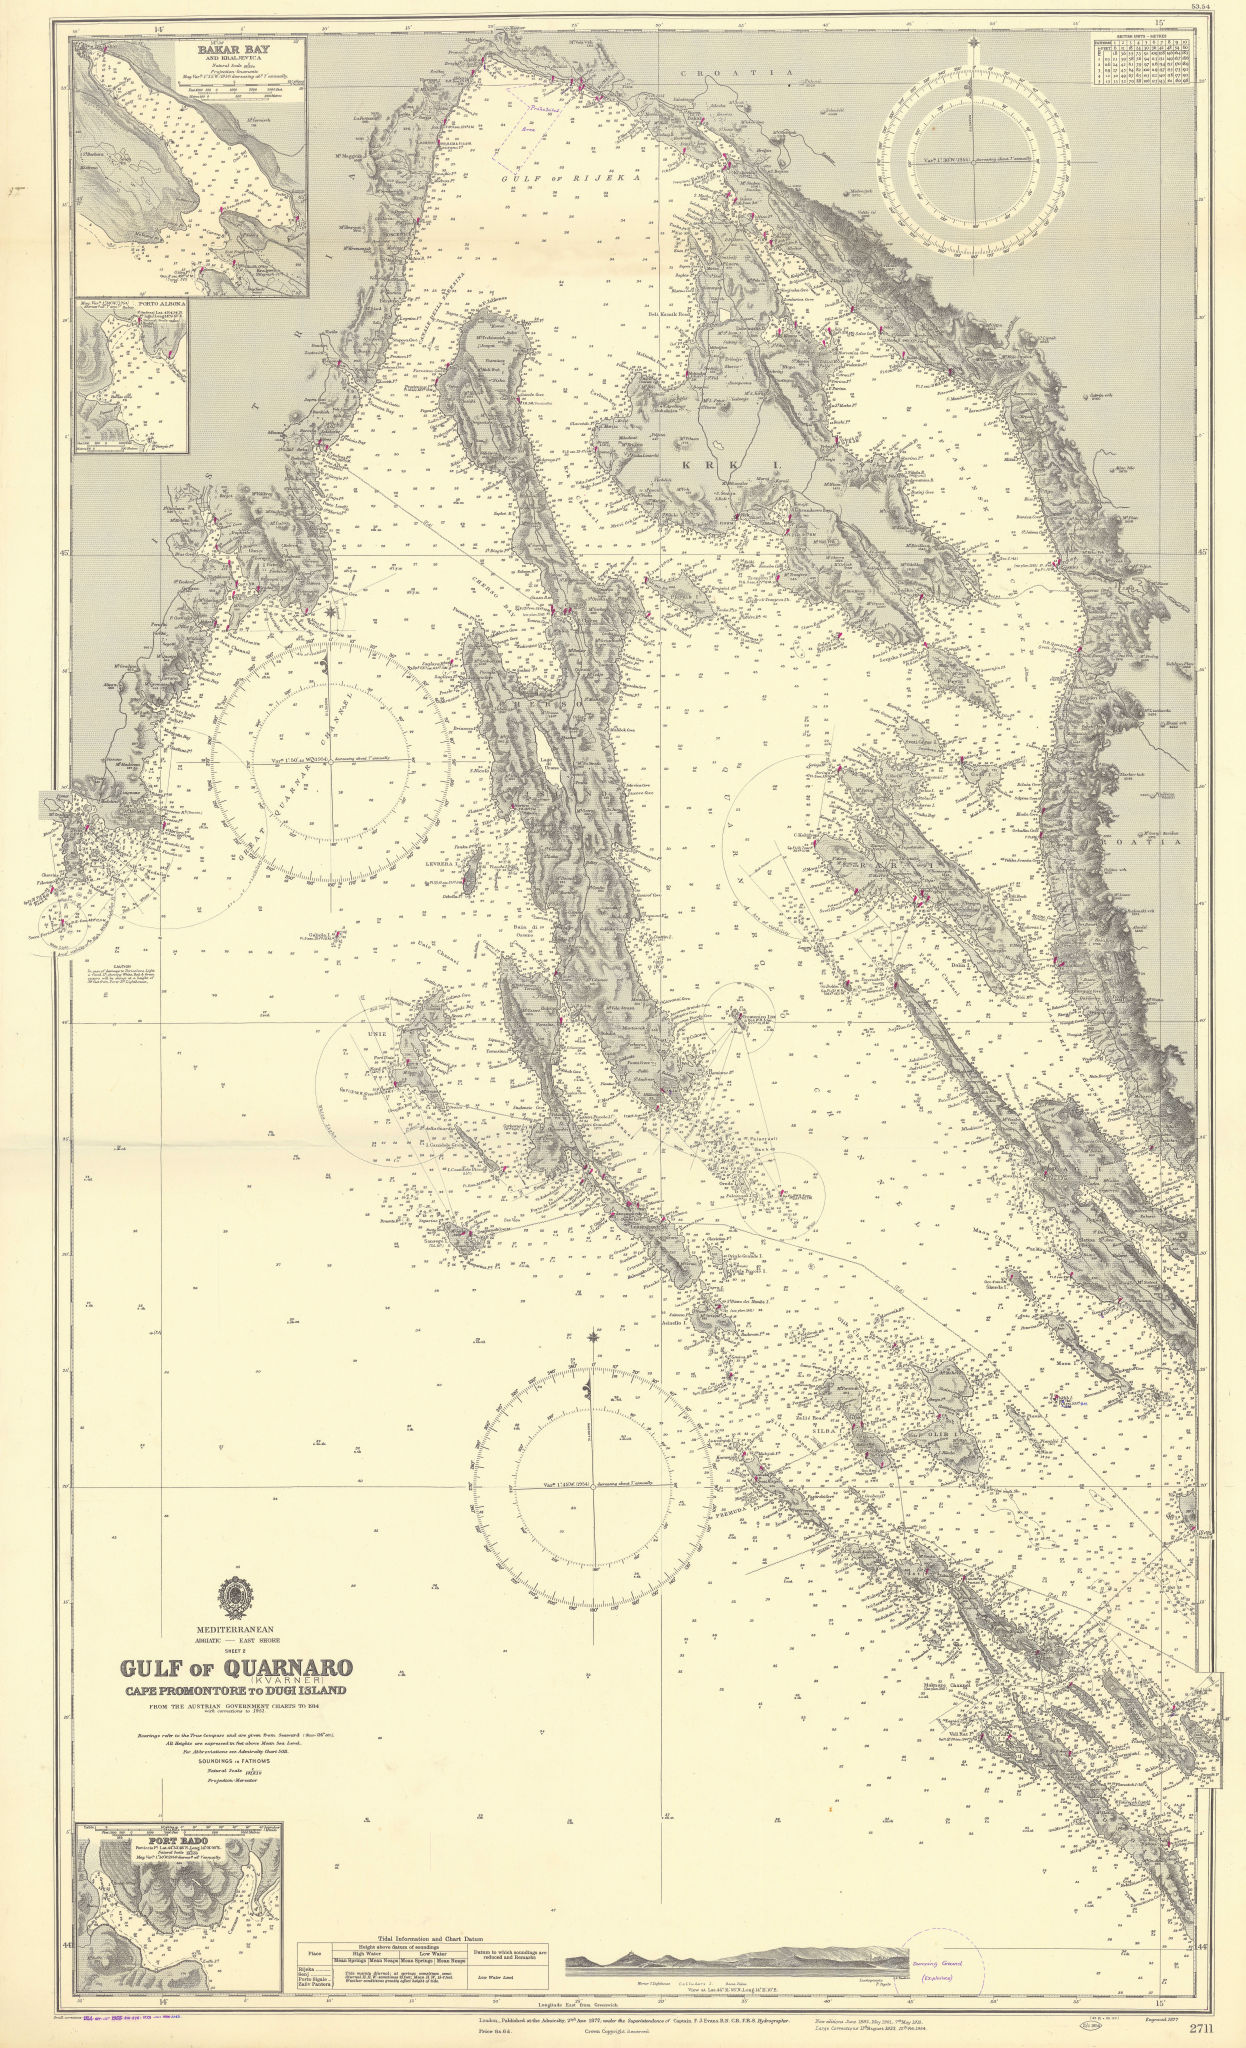 Quarnaro/Kvarner Gulf Croatia Dalmatia Krk Cres ADMIRALTY chart 1877 (1955) map